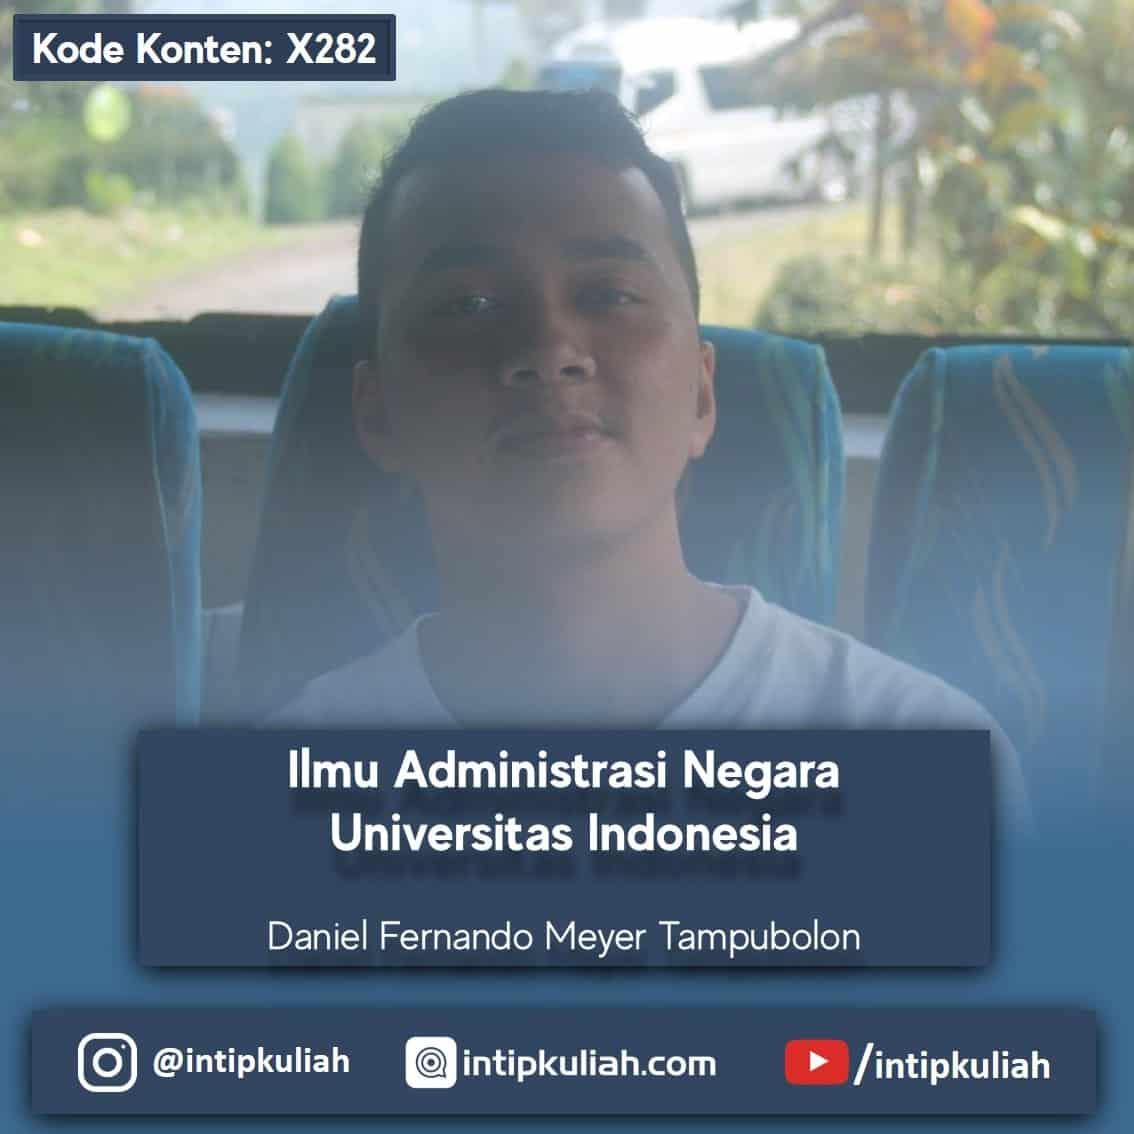 Ilmu Administrasi Negara UI (Daniel)